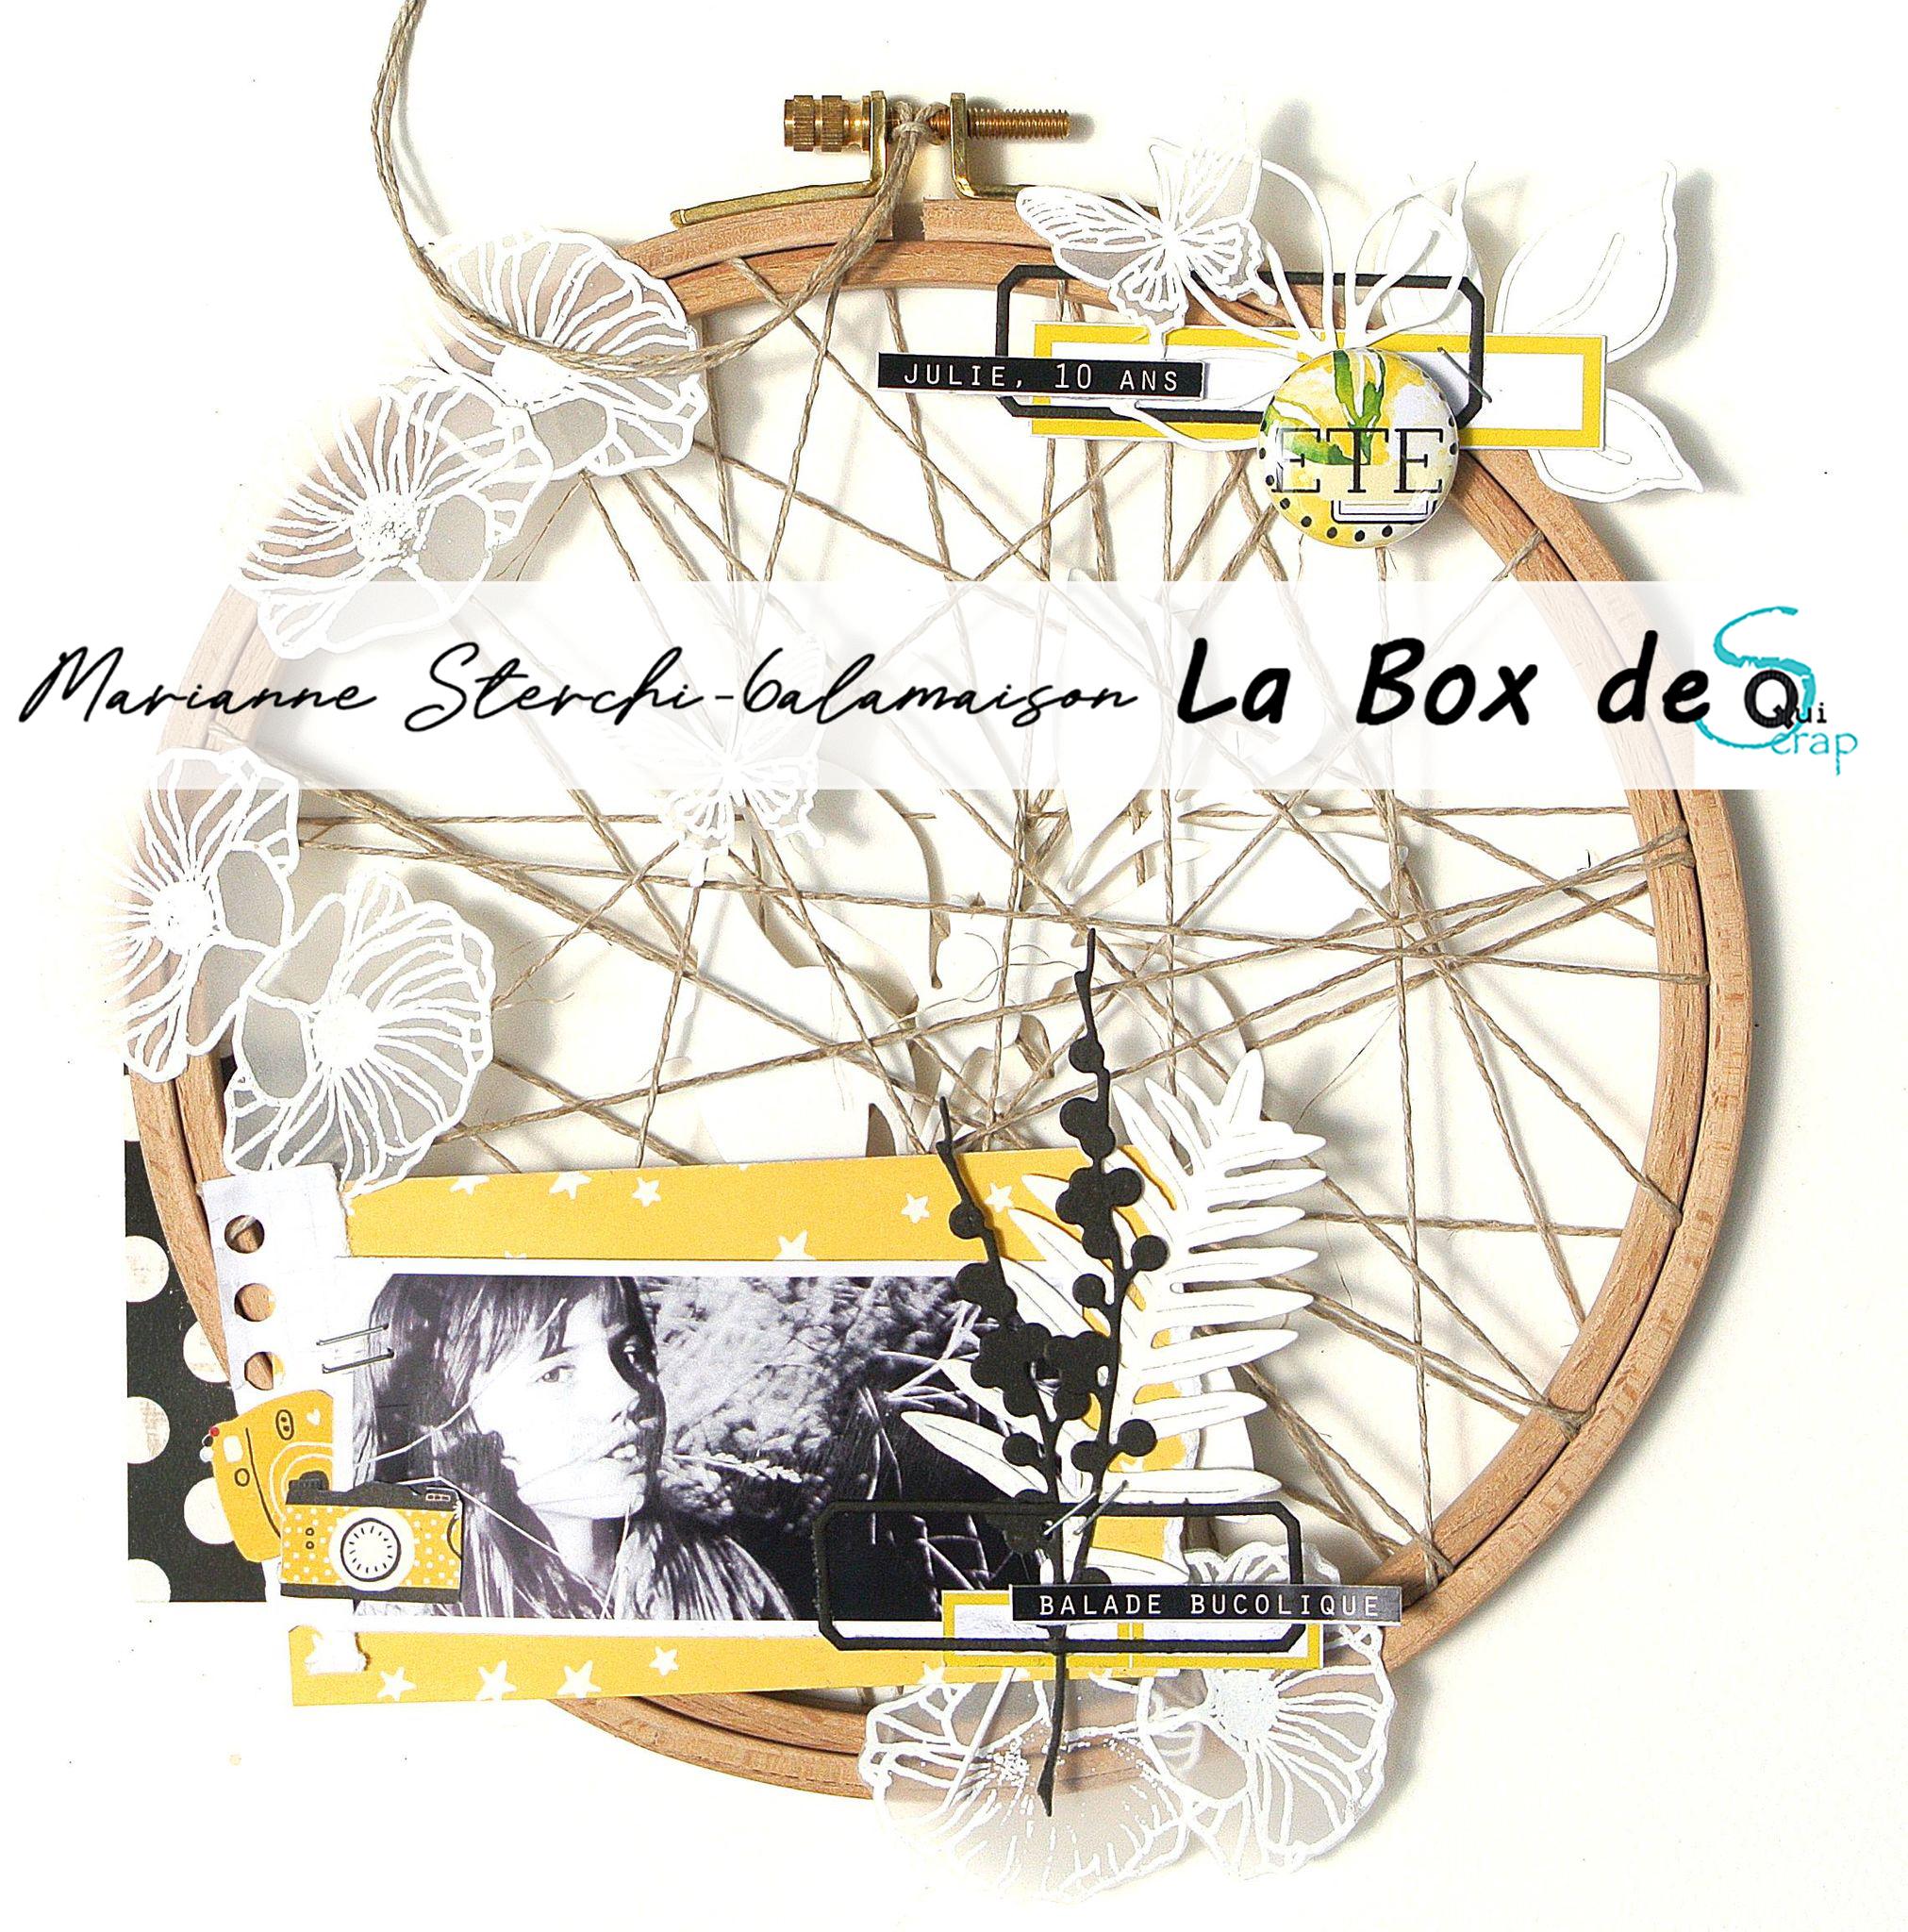 Tuto n°3 pour la Box d'Aout 2021 par Marianne Sterchi – 6alamaison: le HomeDeco